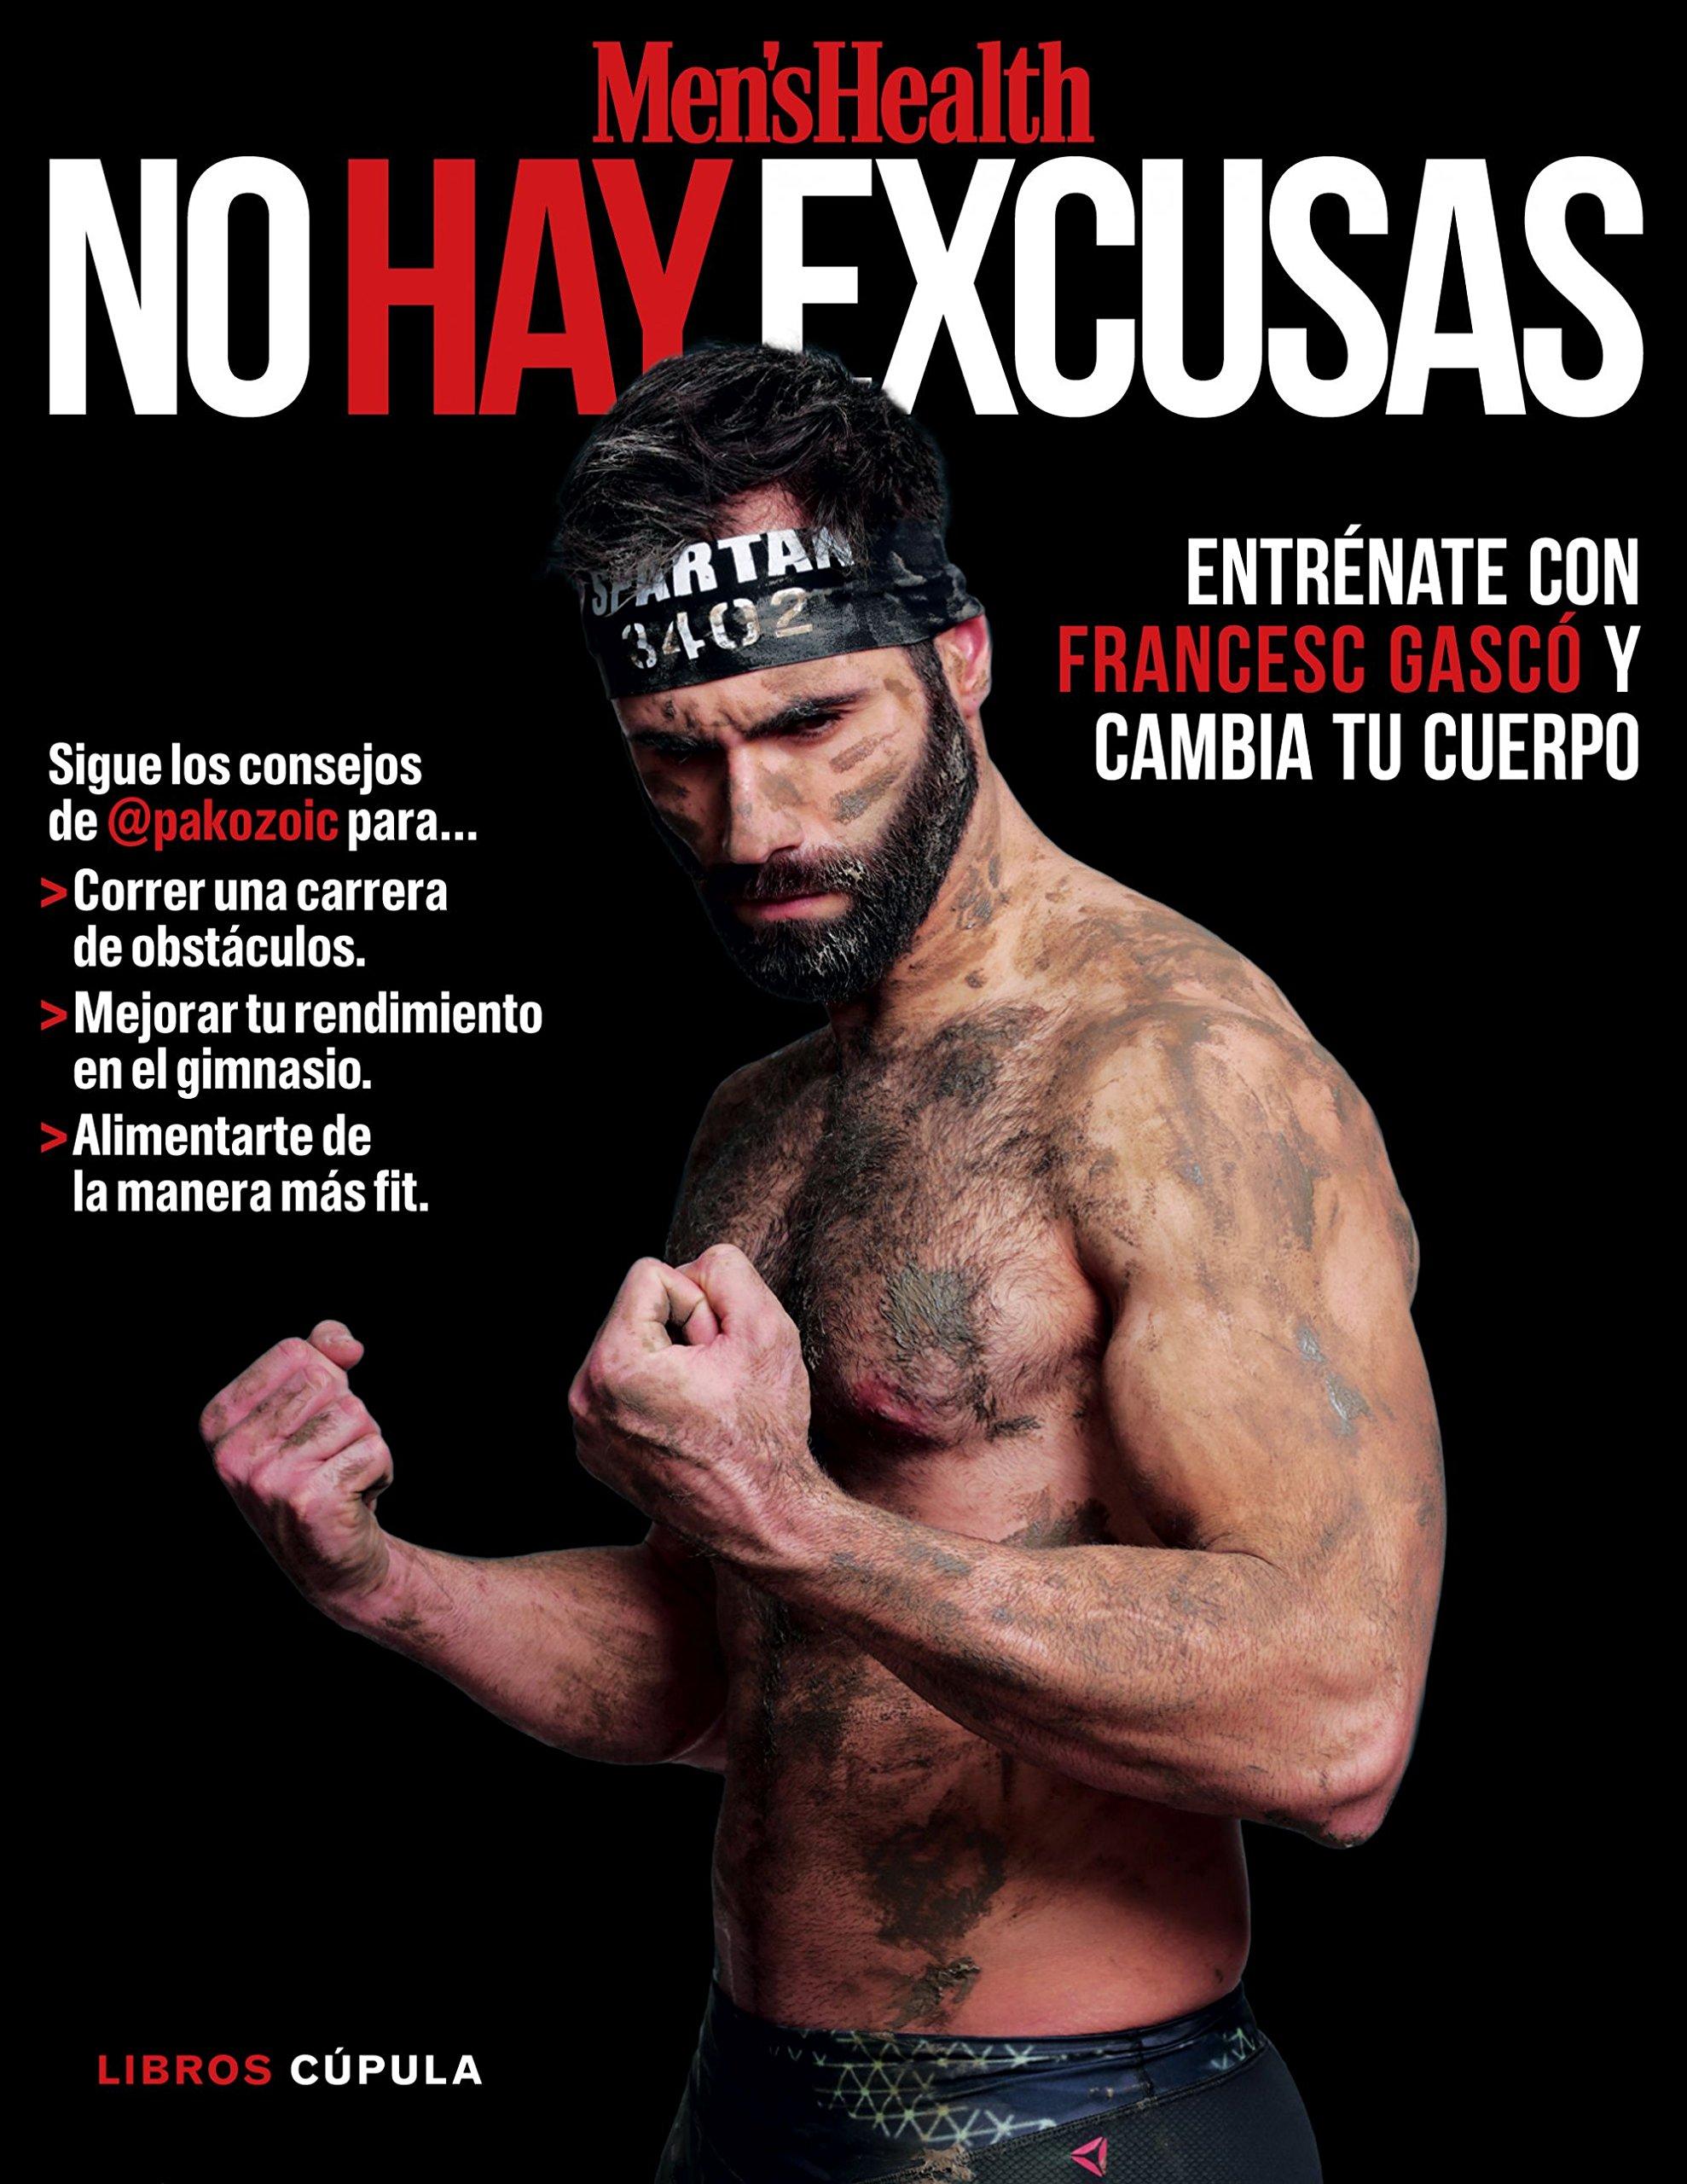 No hay excusas: Entrénate con Francesc Gascó y cambia tu ...